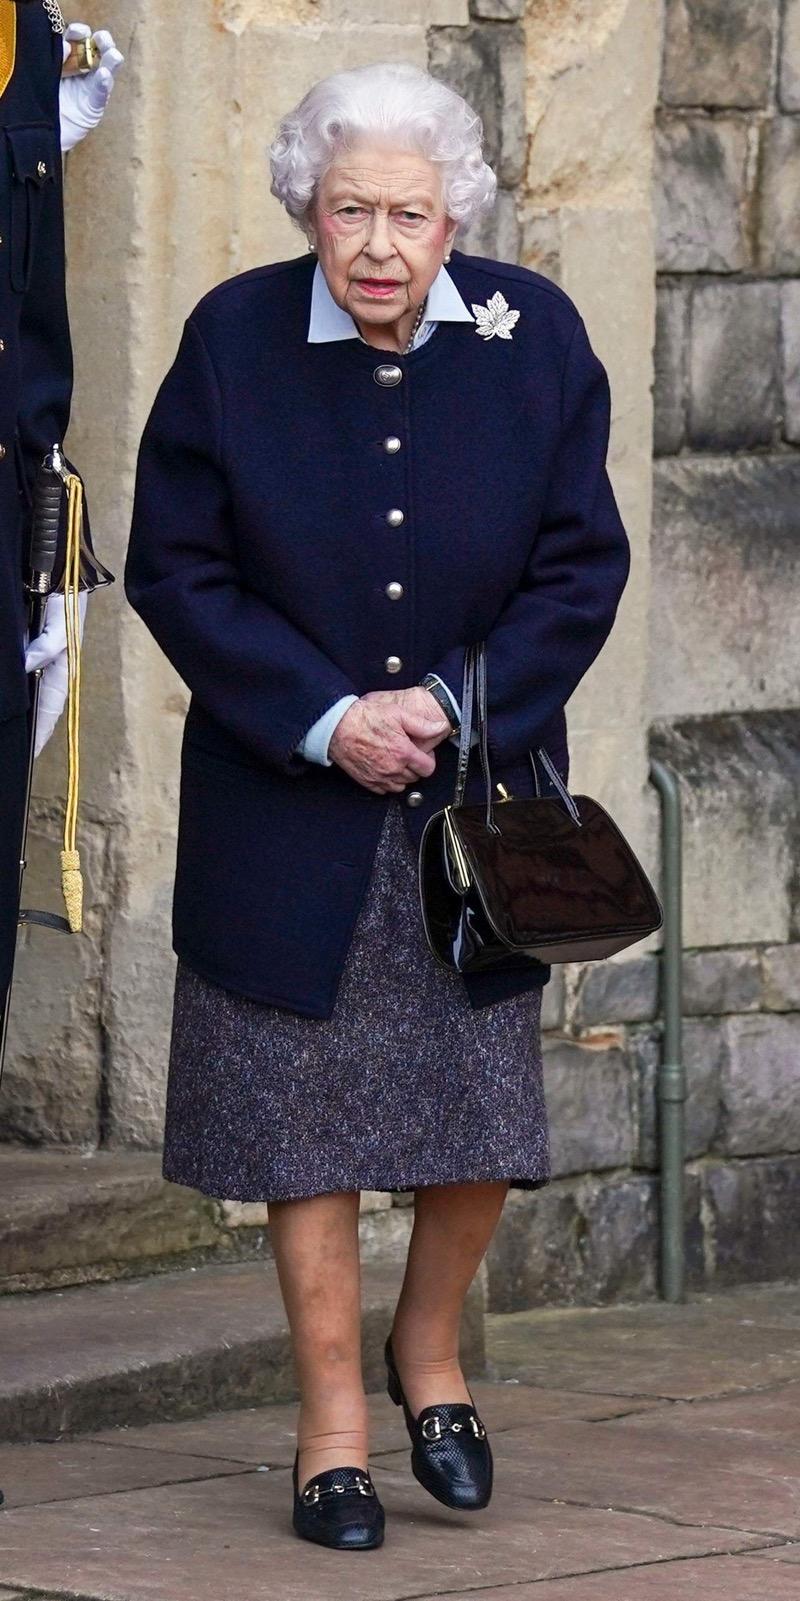 Королева Елизавета II вышла в свет и показала уютный осенний образ (ФОТО) - фото №2